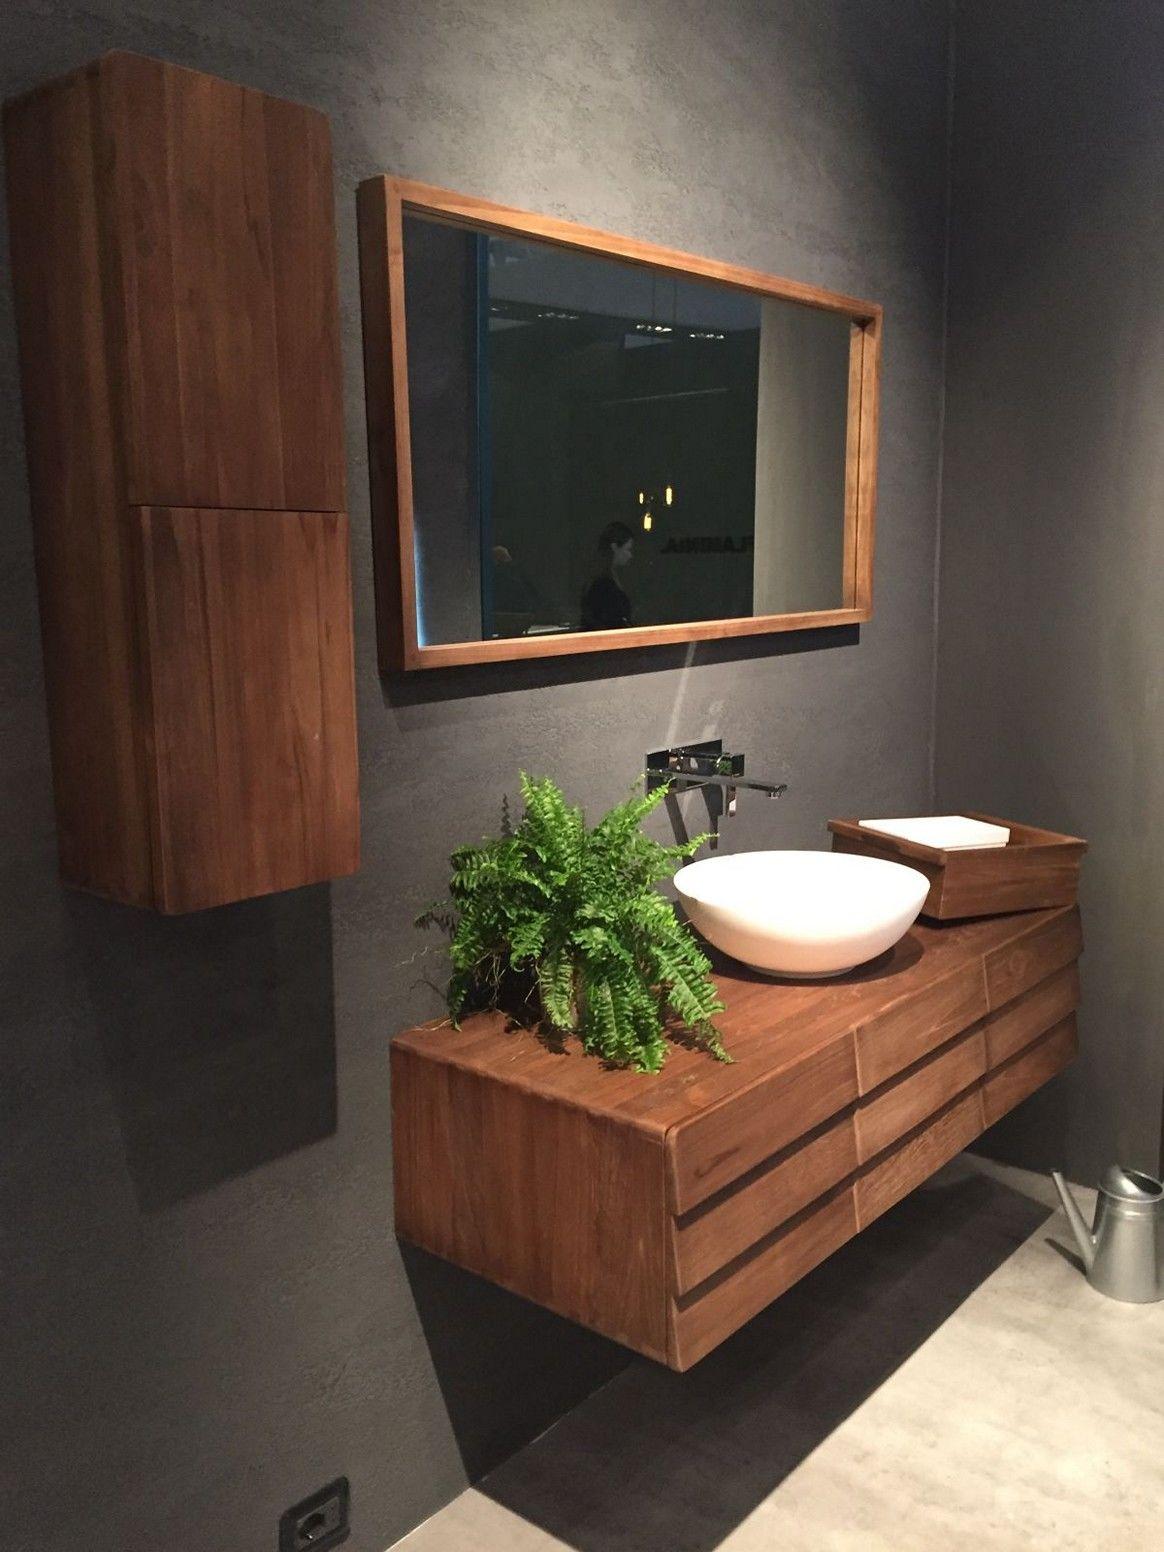 Unique Mid Century Modern Bathroom Vanity Wallpaper